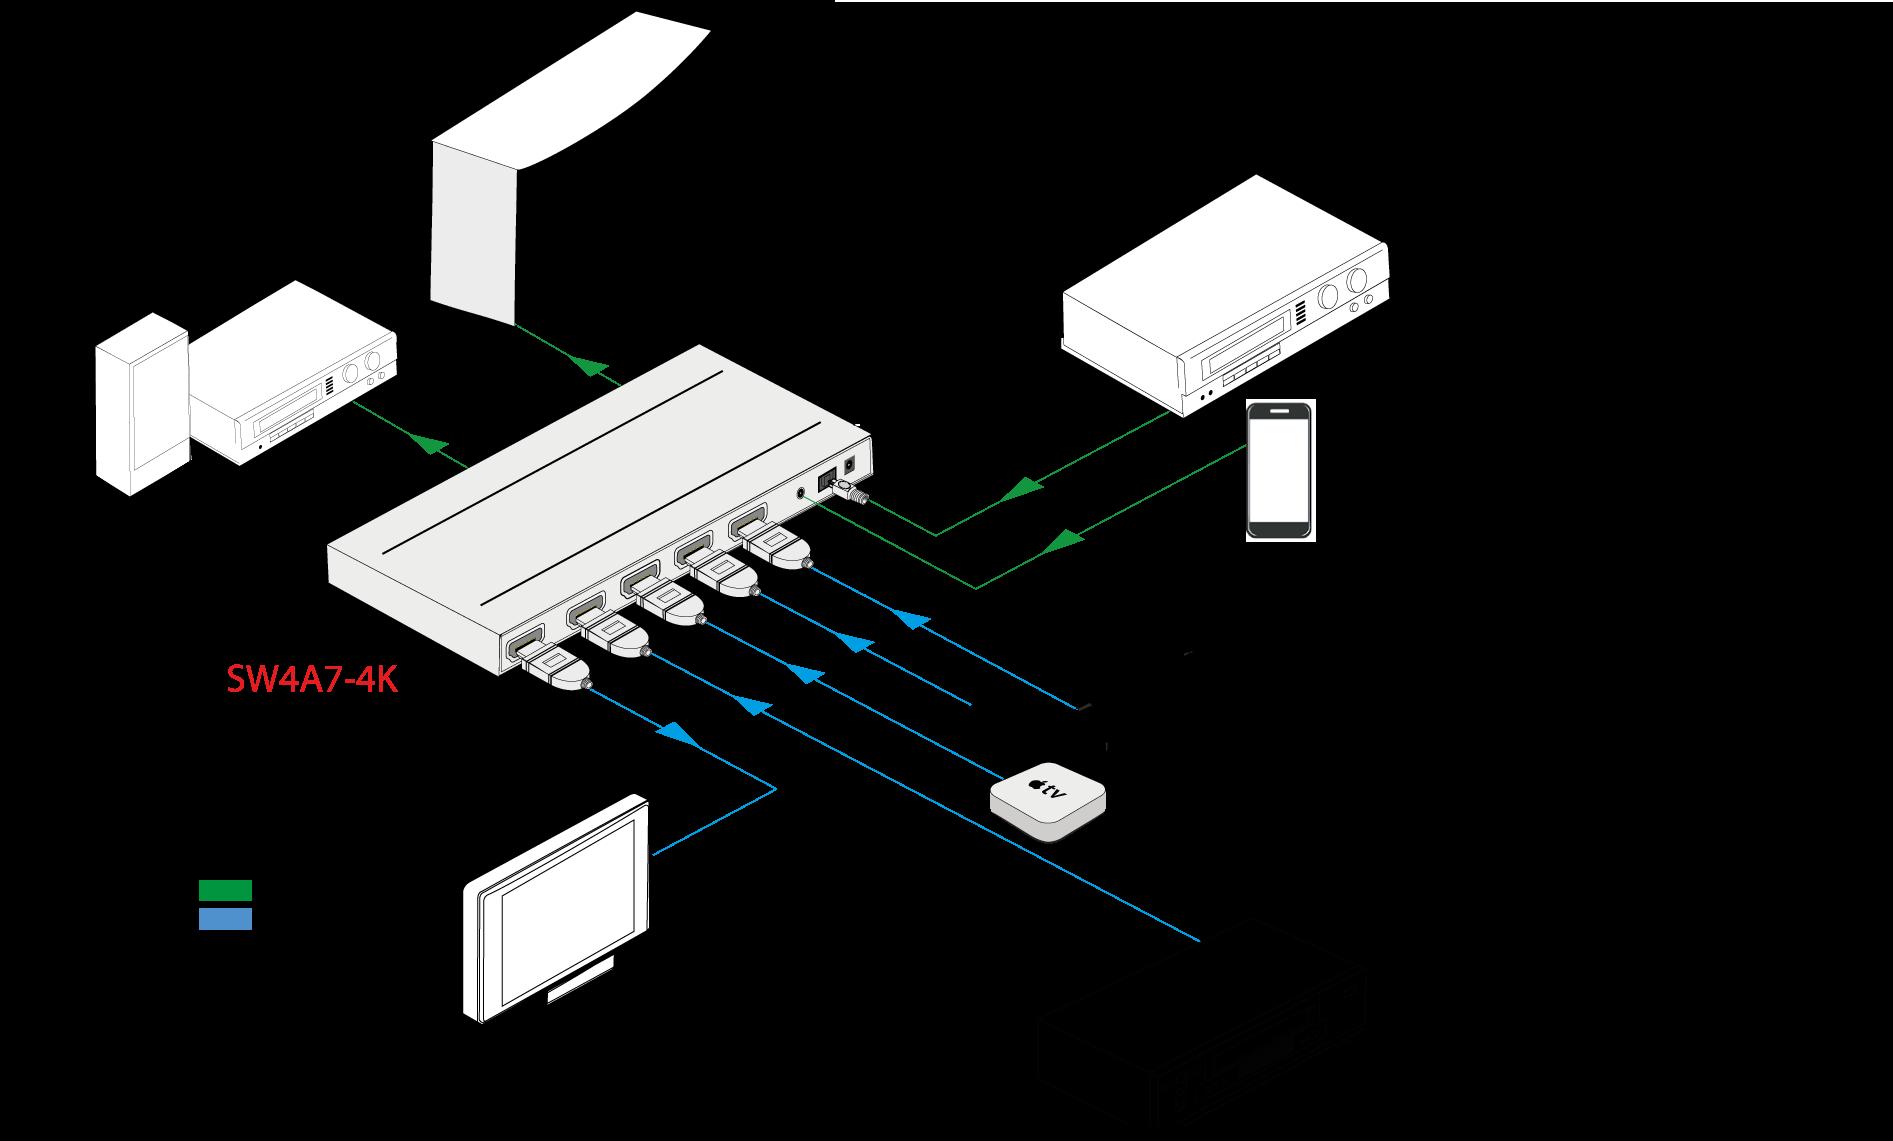 SW4A7-4K - Sélecteur HDMI 4x1, 4K@60Hz 4:4:4 3m, HDMI2.0, HDR, ARC